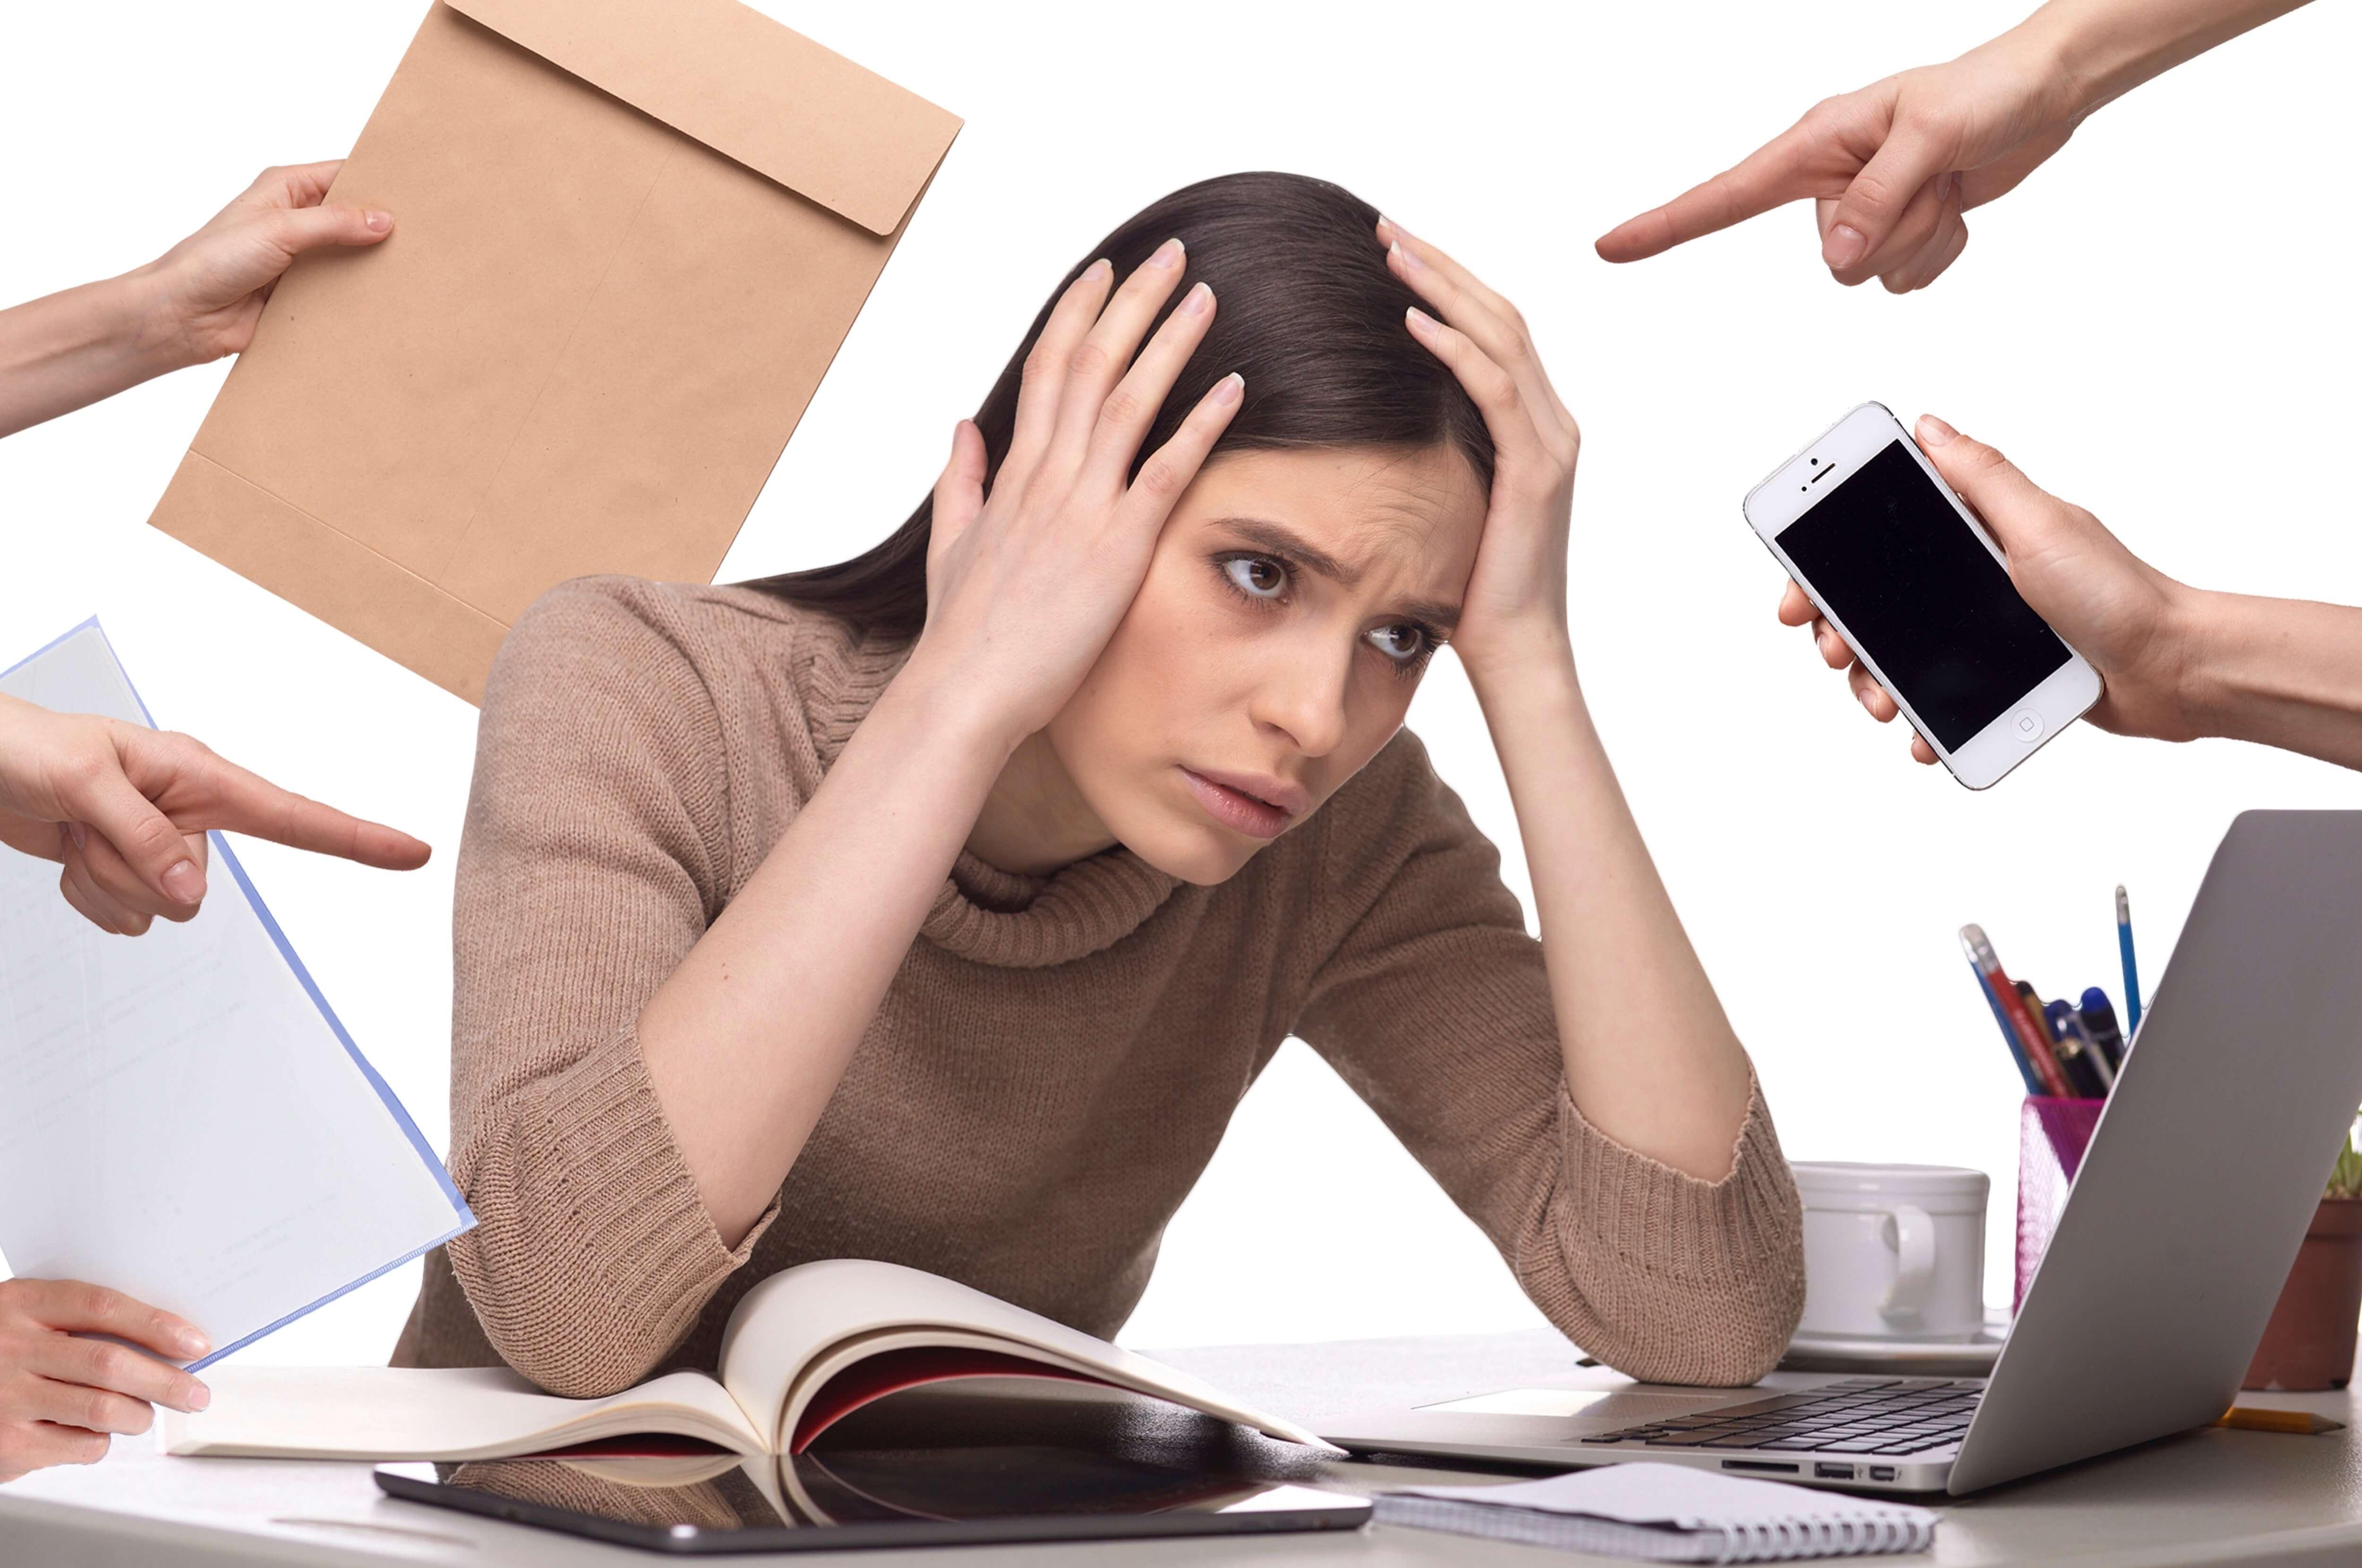 過労とストレスに頭を抱える女性